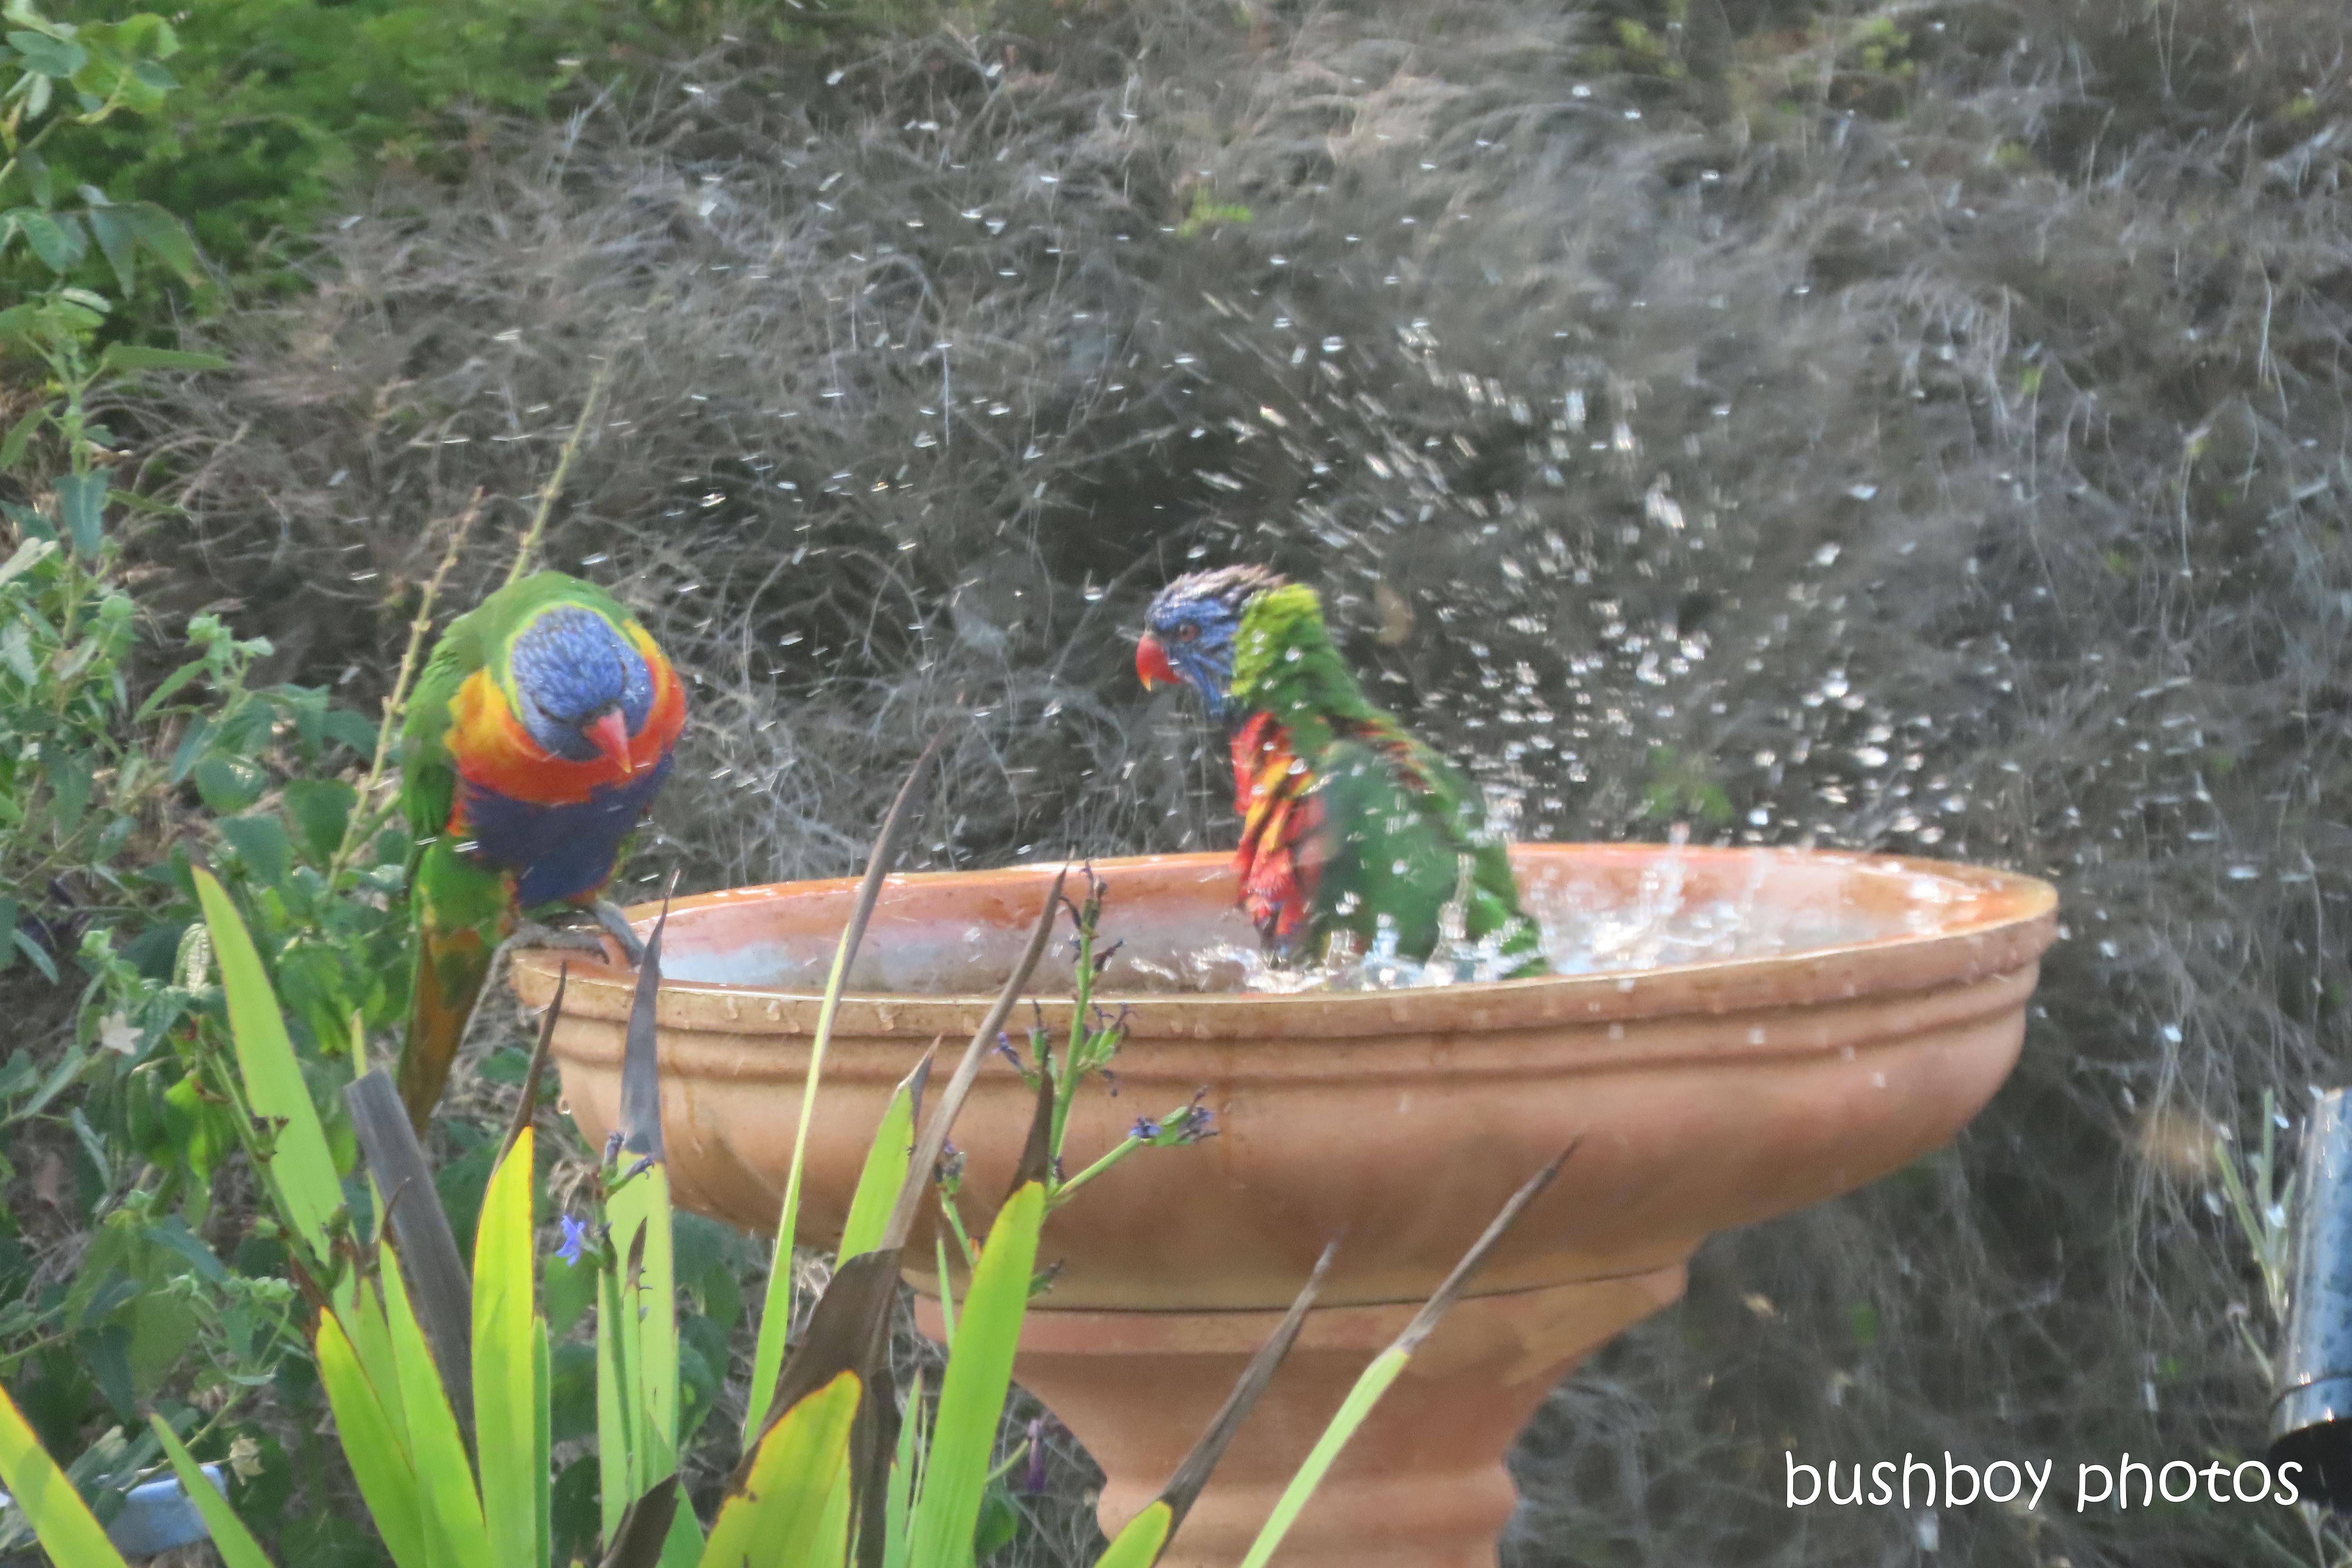 rainbow_lorikeets_bird_bath_fun_splash3_named_caniaba_oct 2019